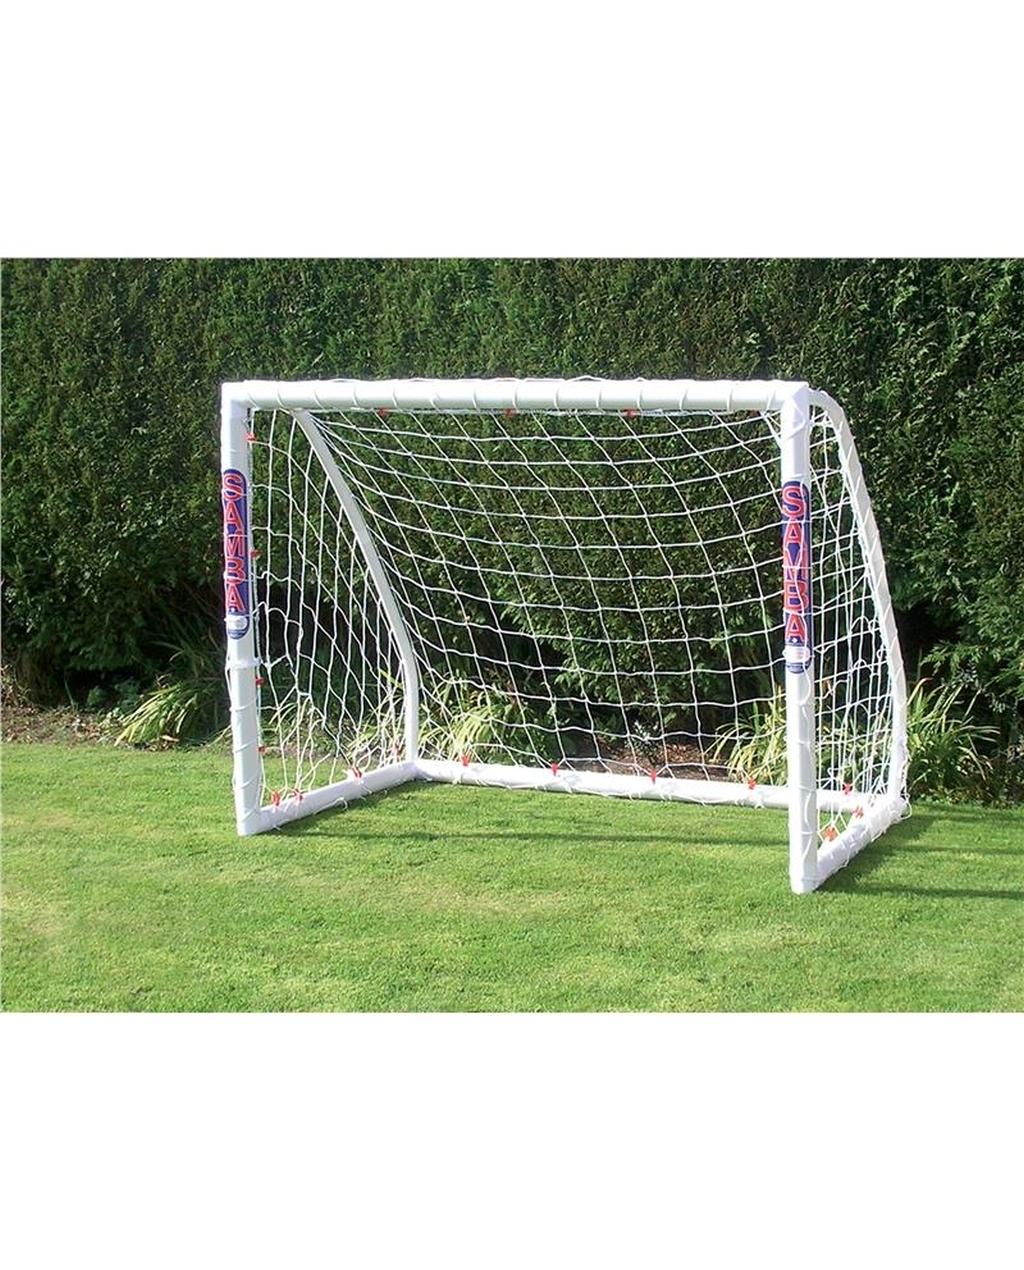 Samba 5ft x 4ft Match Goal upvc corners